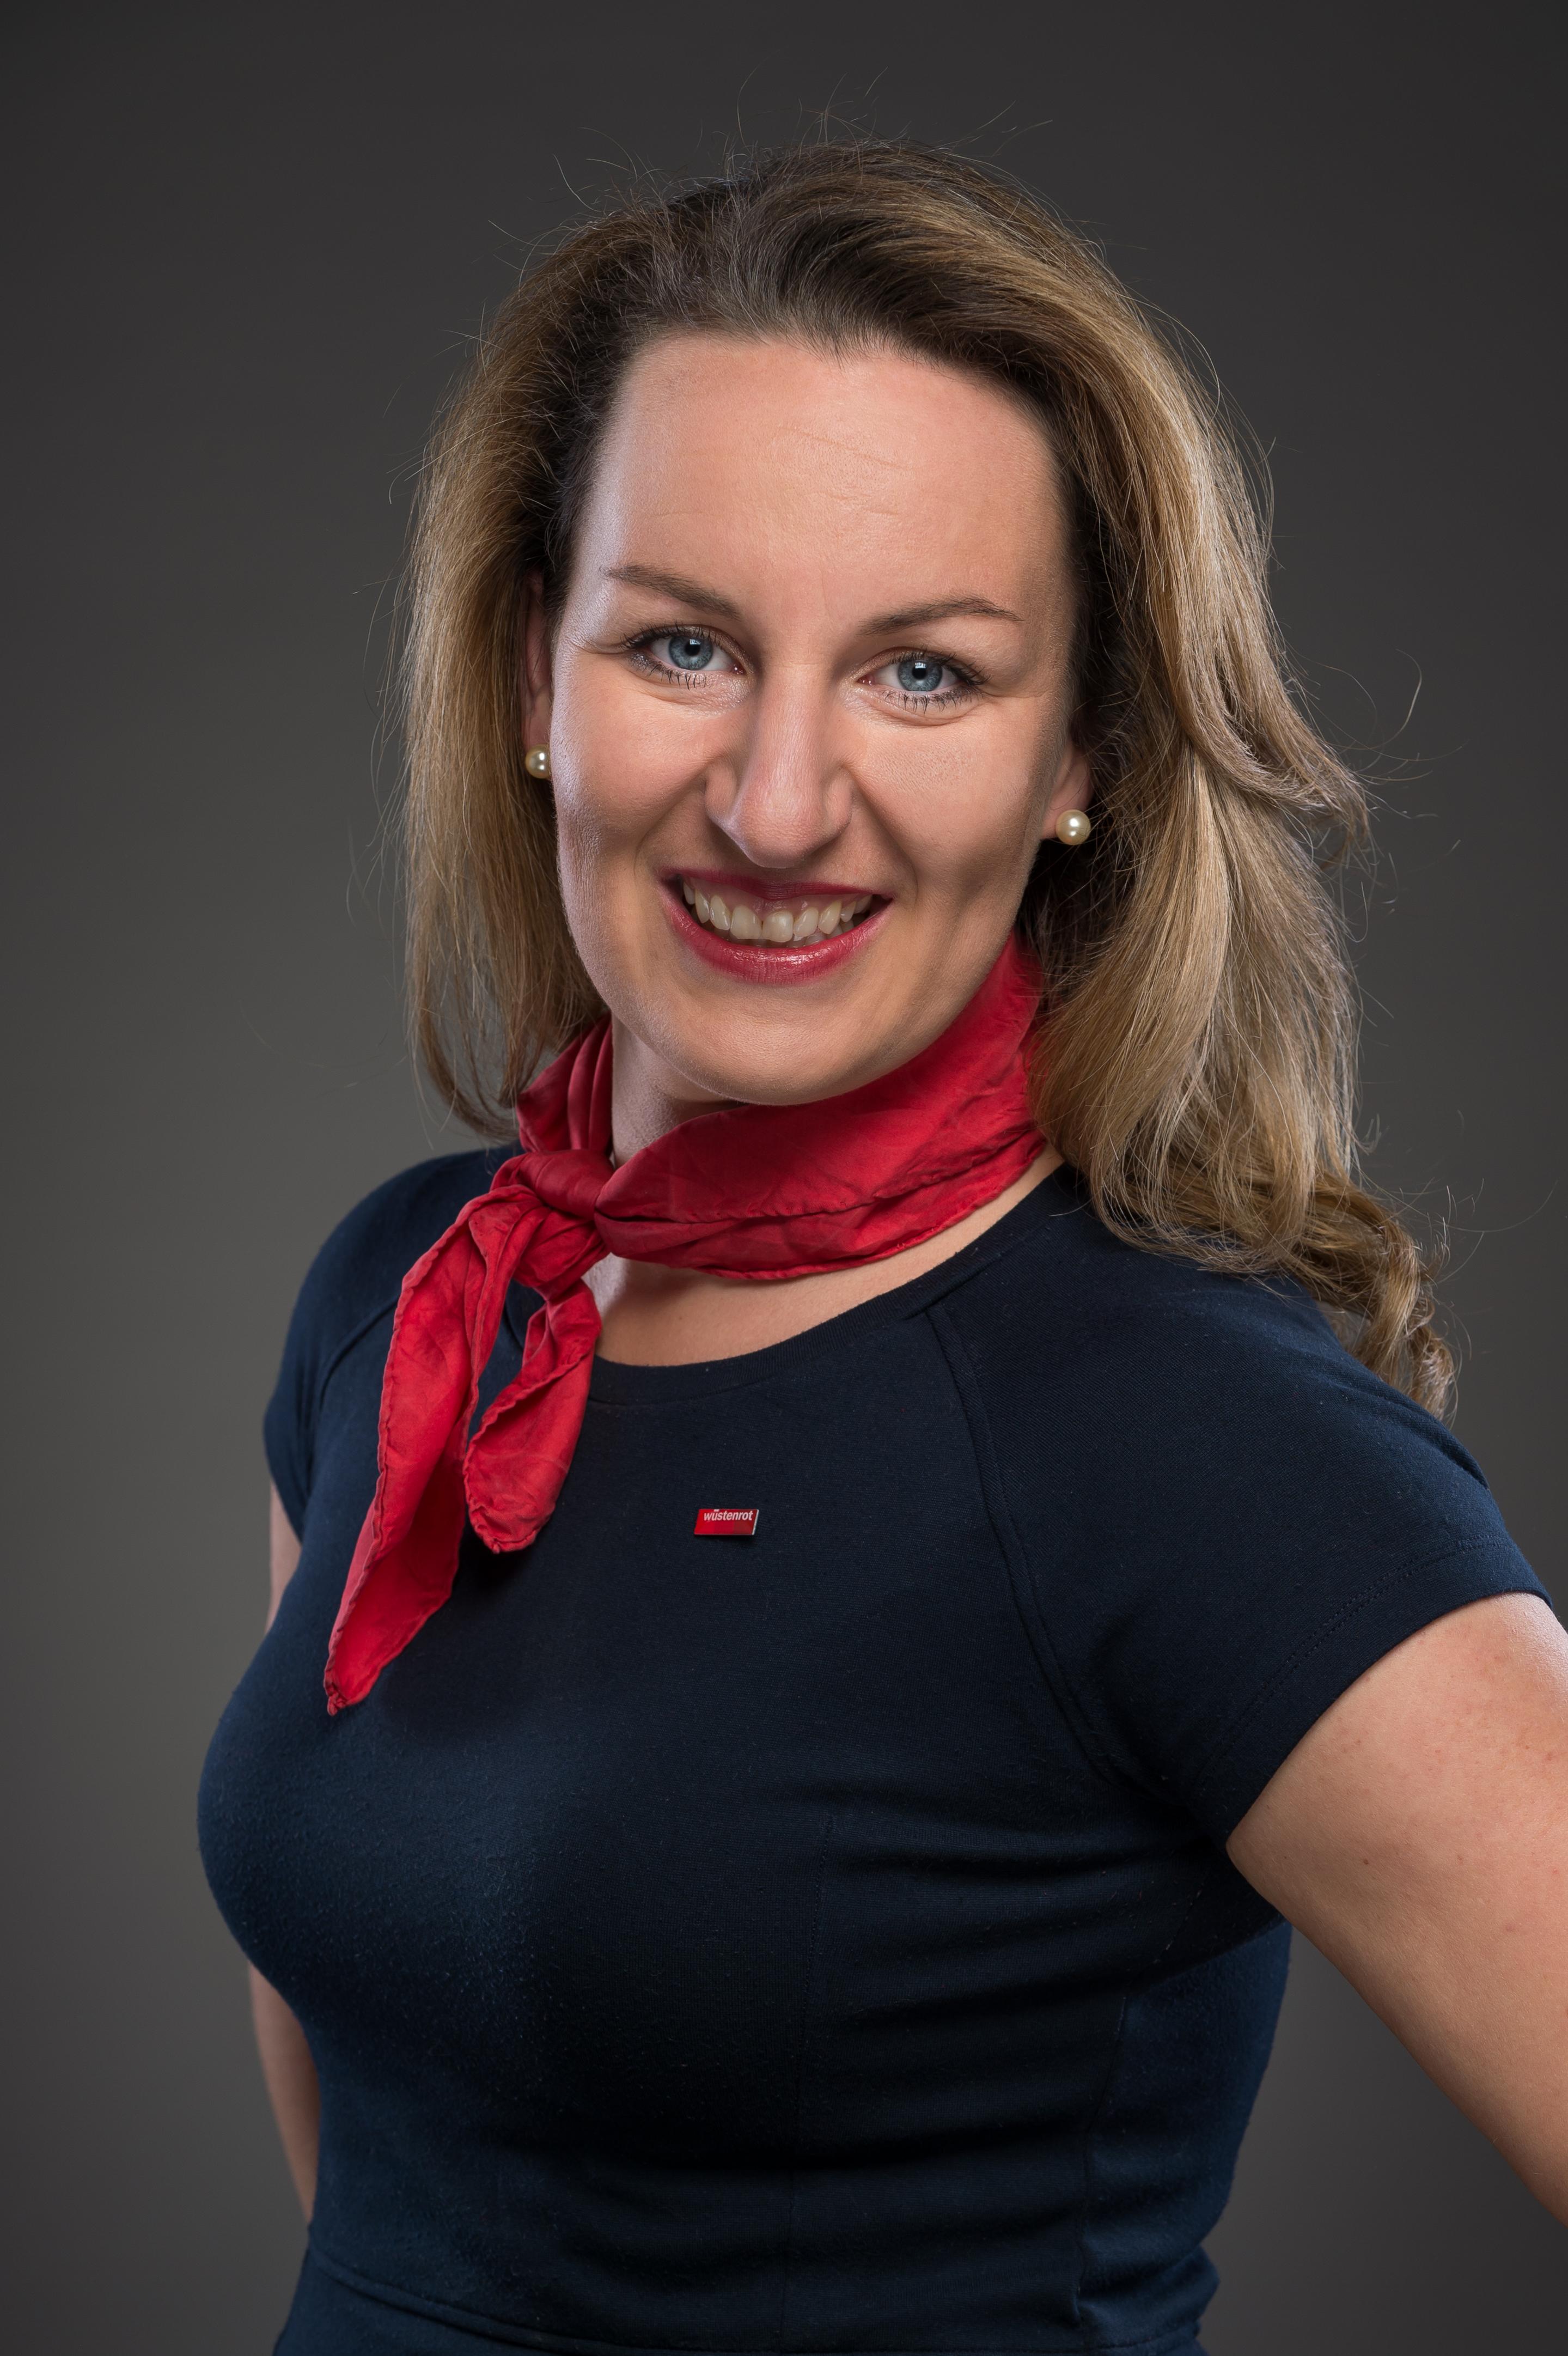 Ines Bernauer-Senghaas ist Personalentwicklerin bei Wüstenrot